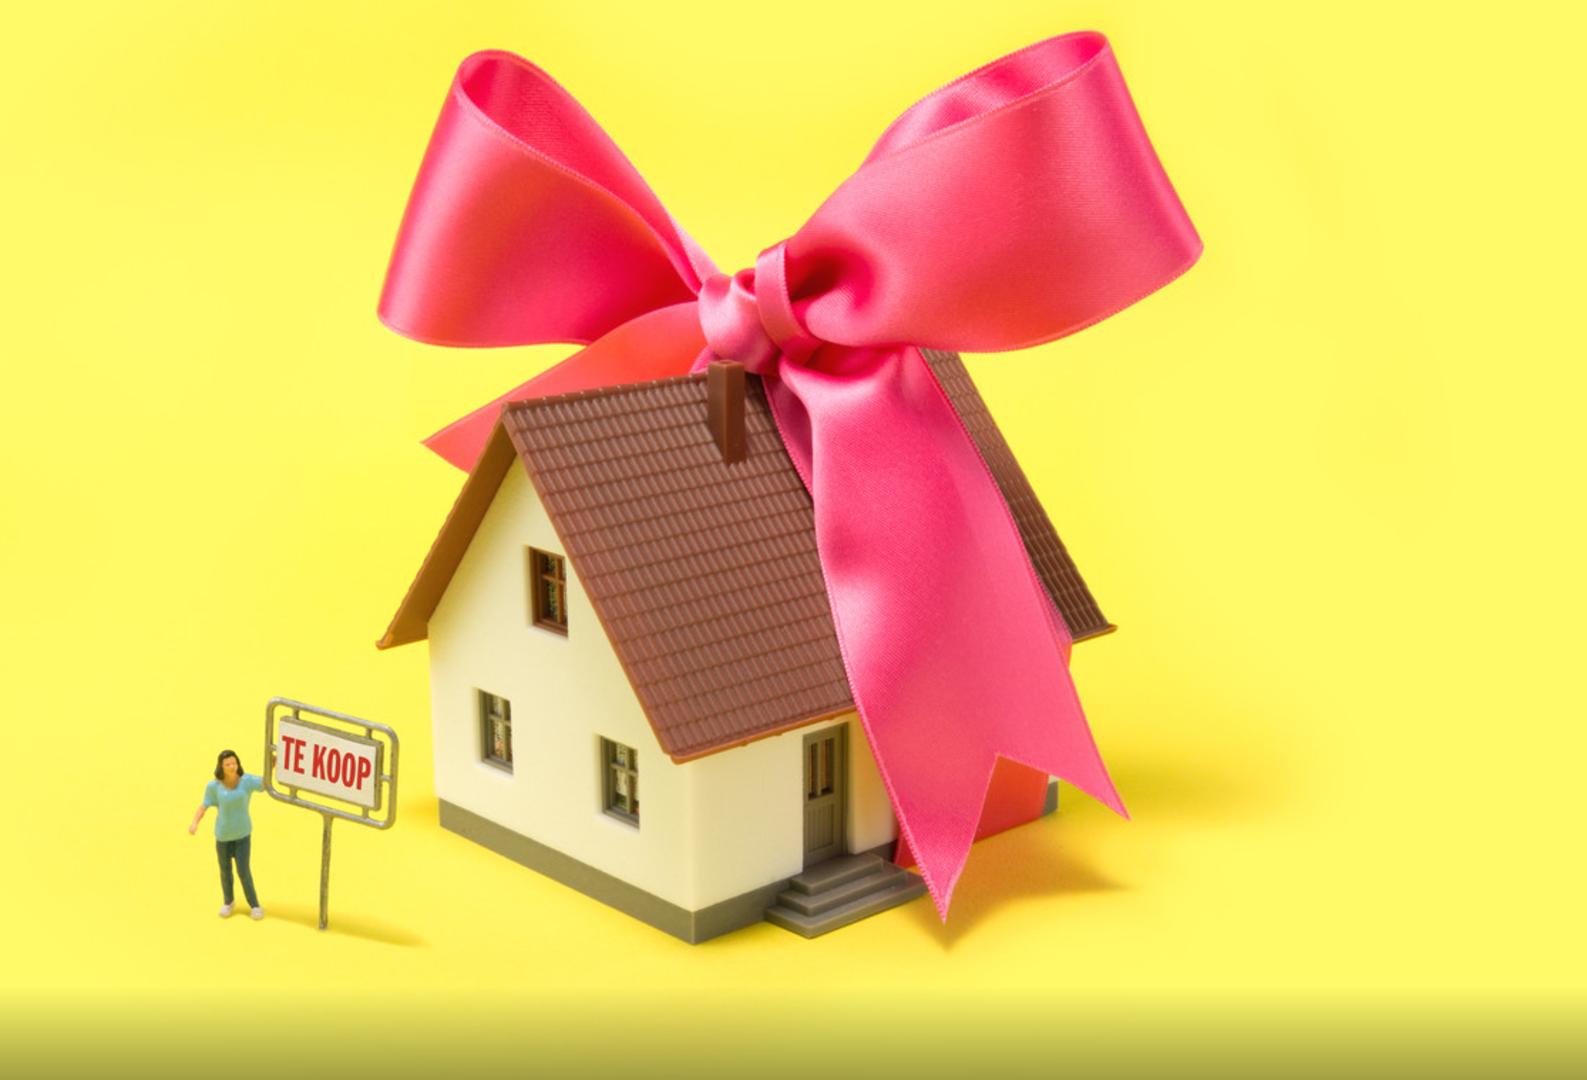 Drukkere tijden voor makelaars, meer mensen zetten hun huis te koop (Bron: RTL Z)